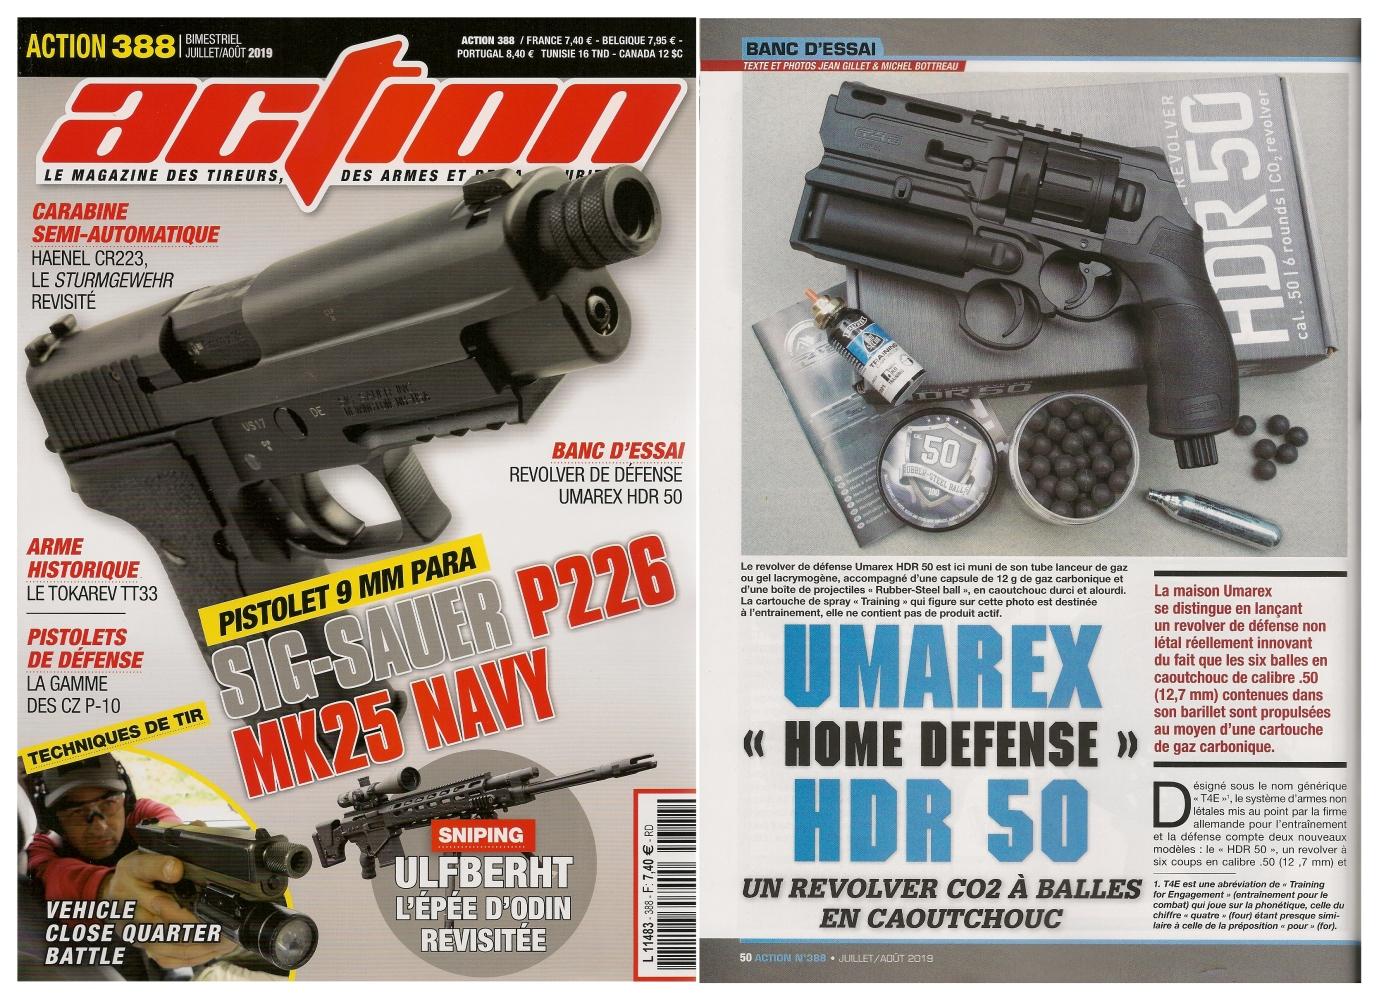 Le banc d'essai du revolver Umarex Home Defense HDR 50 a été publié sur 5 pages dans le magazine Action n°388 (juillet/août 2019).